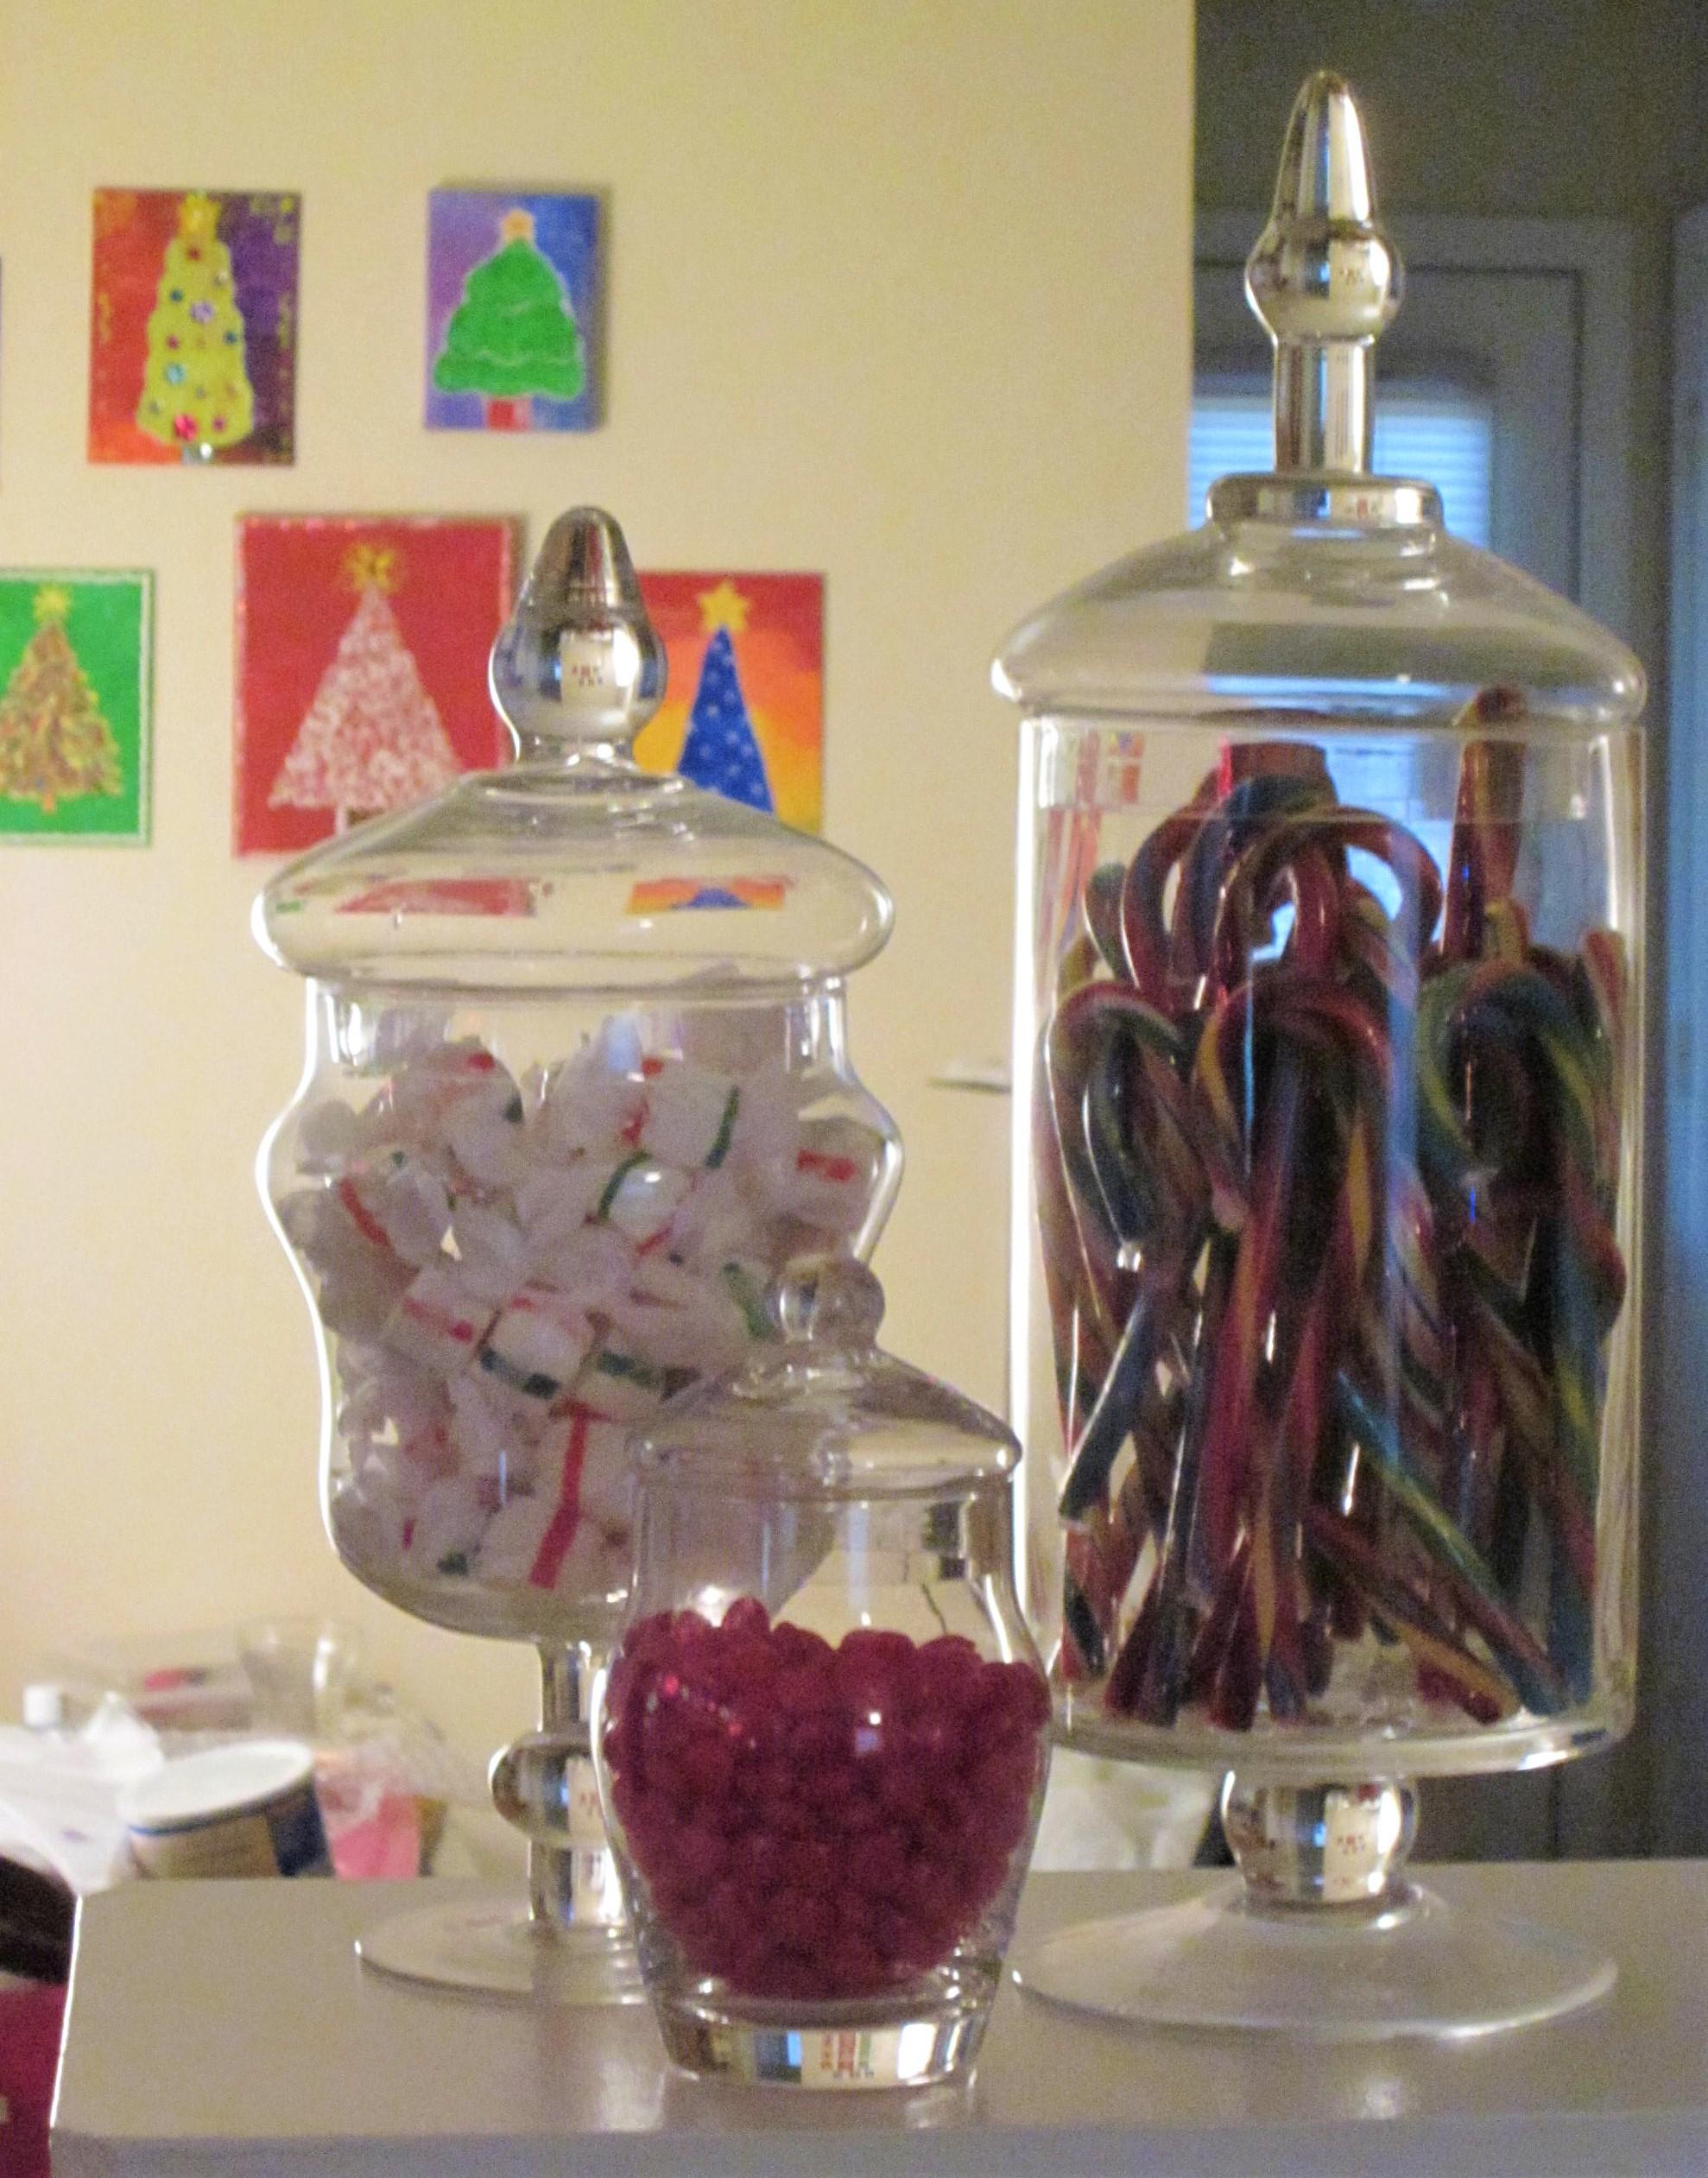 old photo trees behind candy jars.jpg